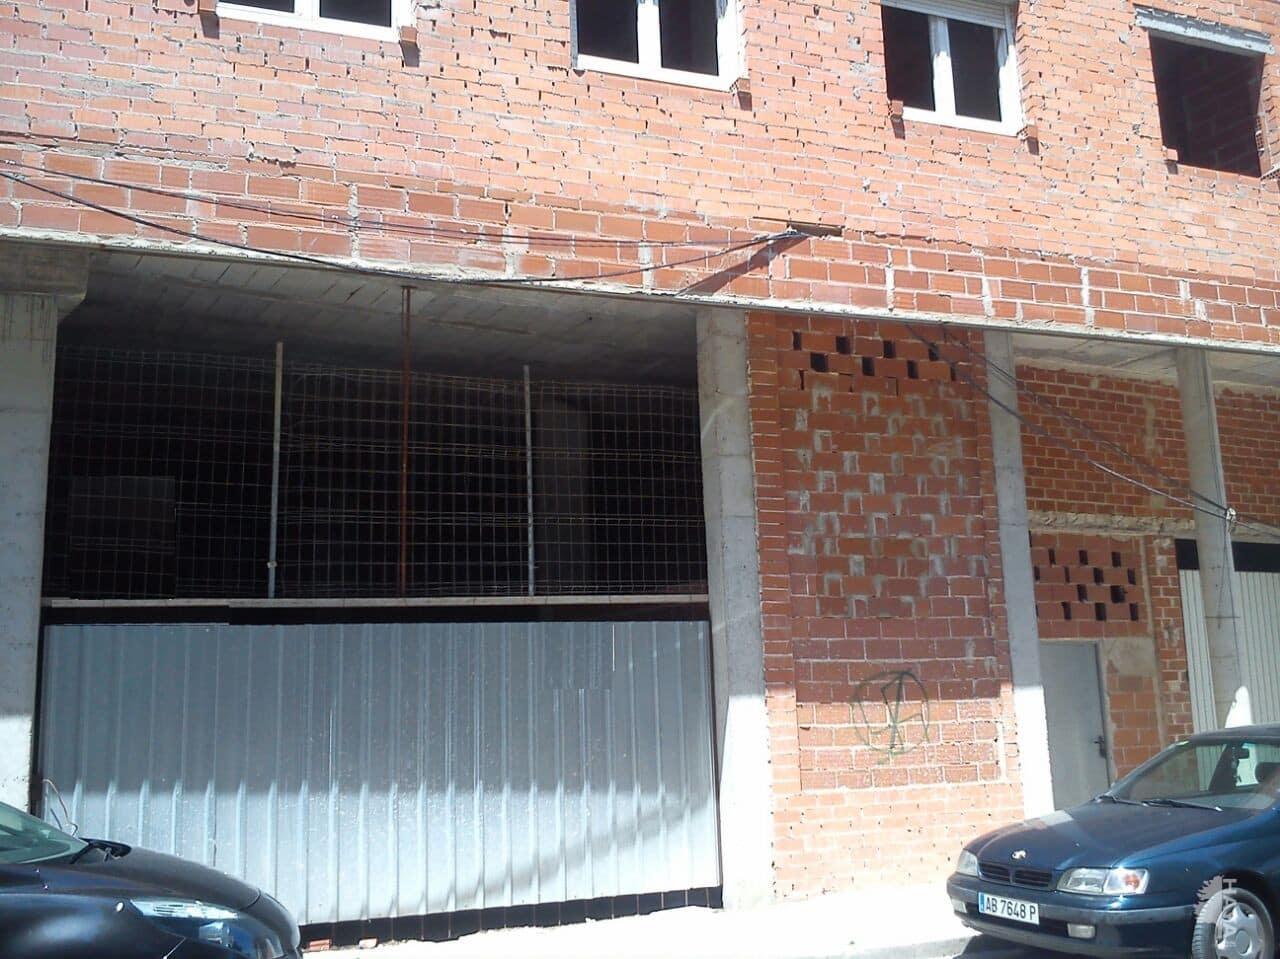 Piso en venta en La Roda, Albacete, Calle Juan Garcia Glz, 45.300 €, 1 habitación, 1 baño, 135 m2